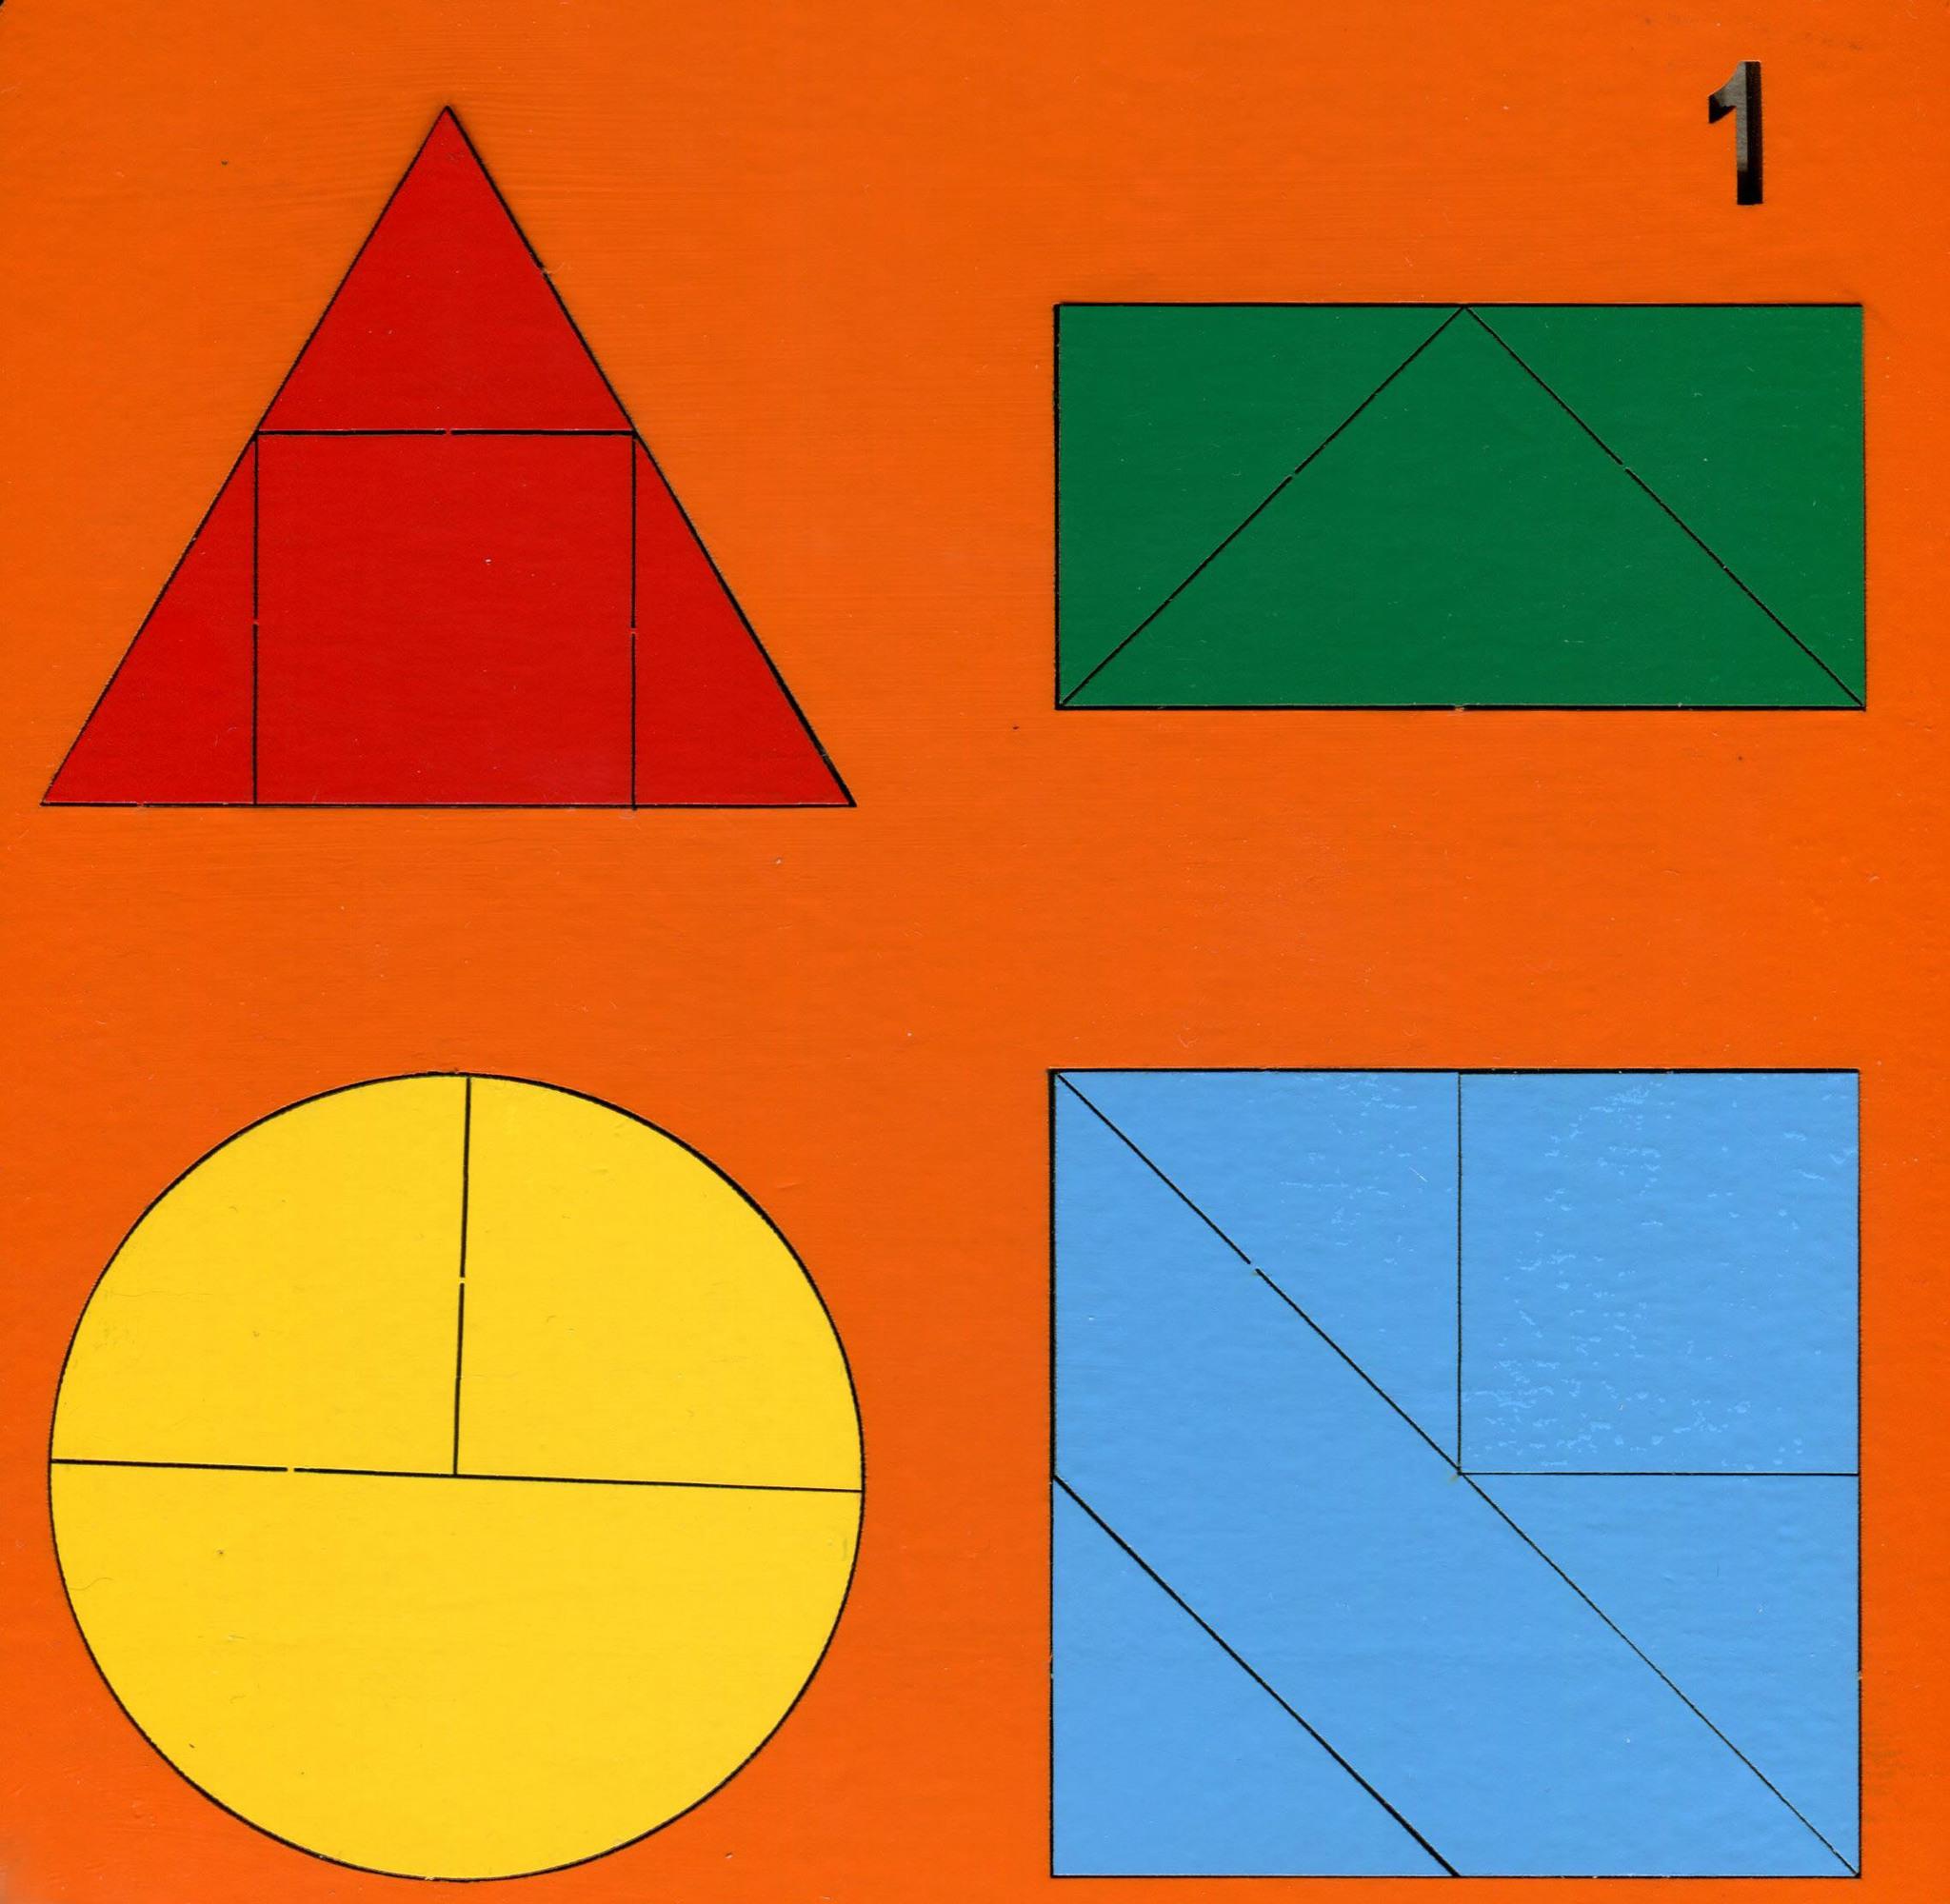 Все схемы геометрических фигур